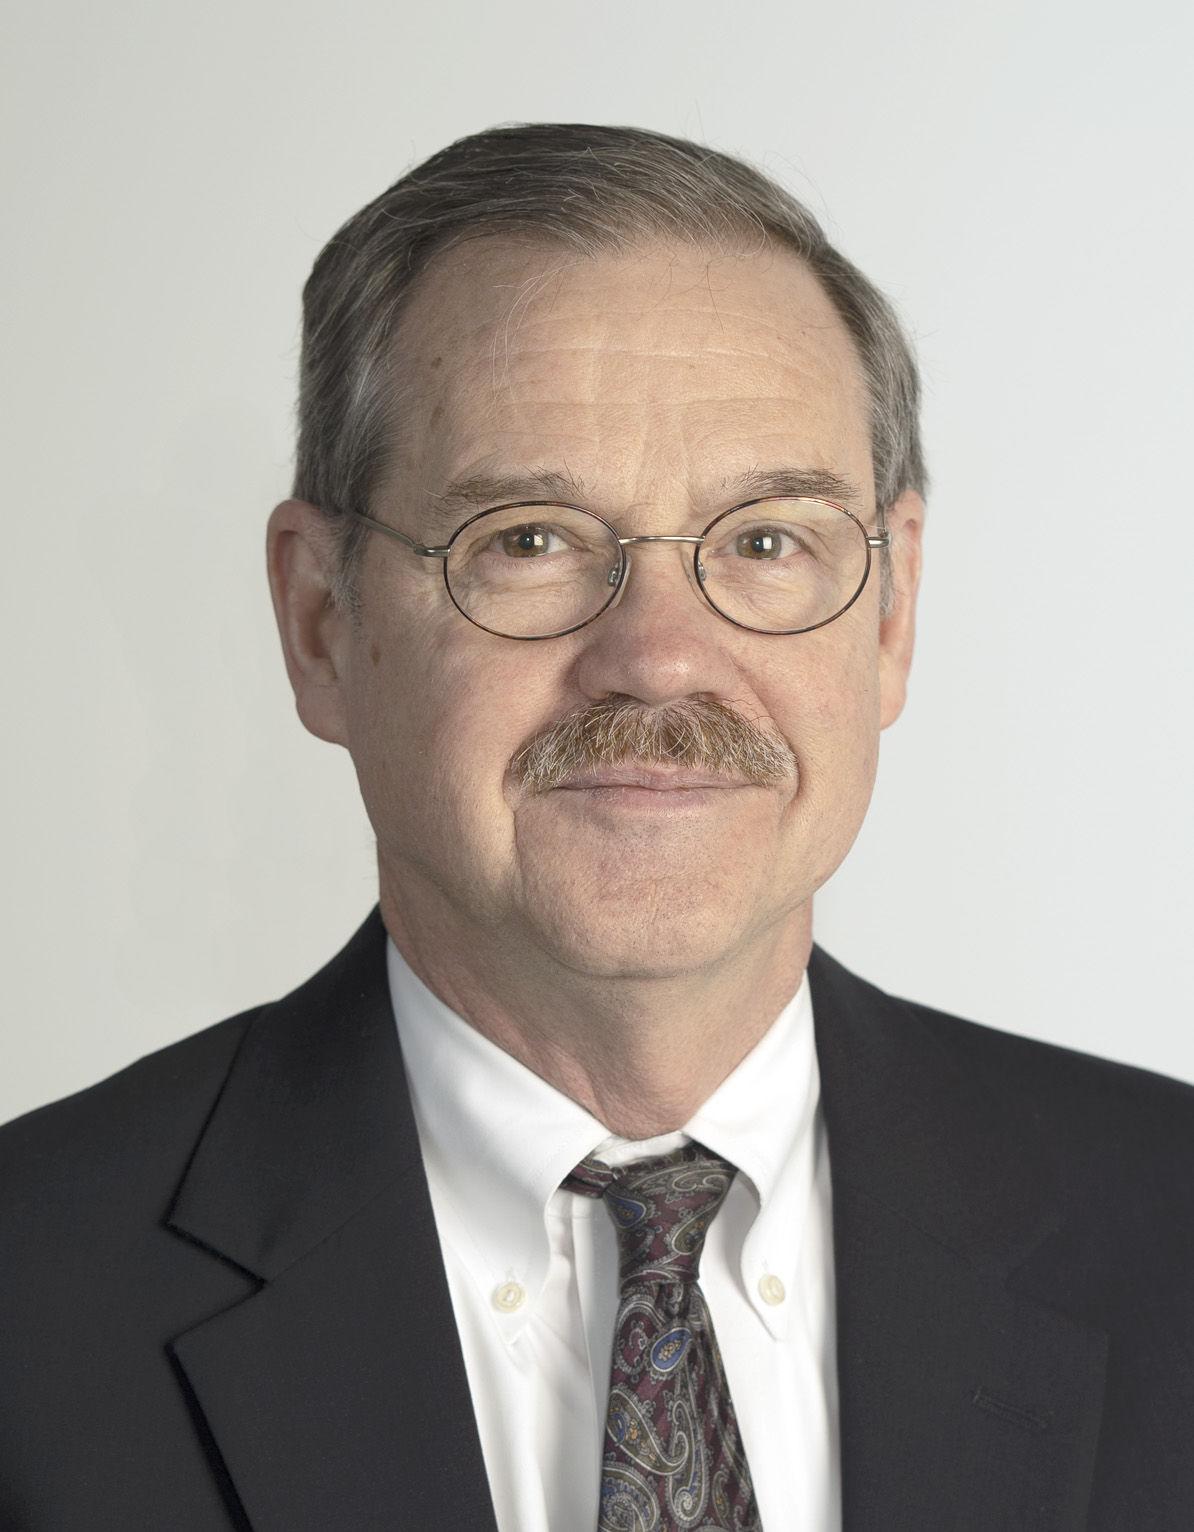 Headshot image for Dr. Robert J. Plunkett